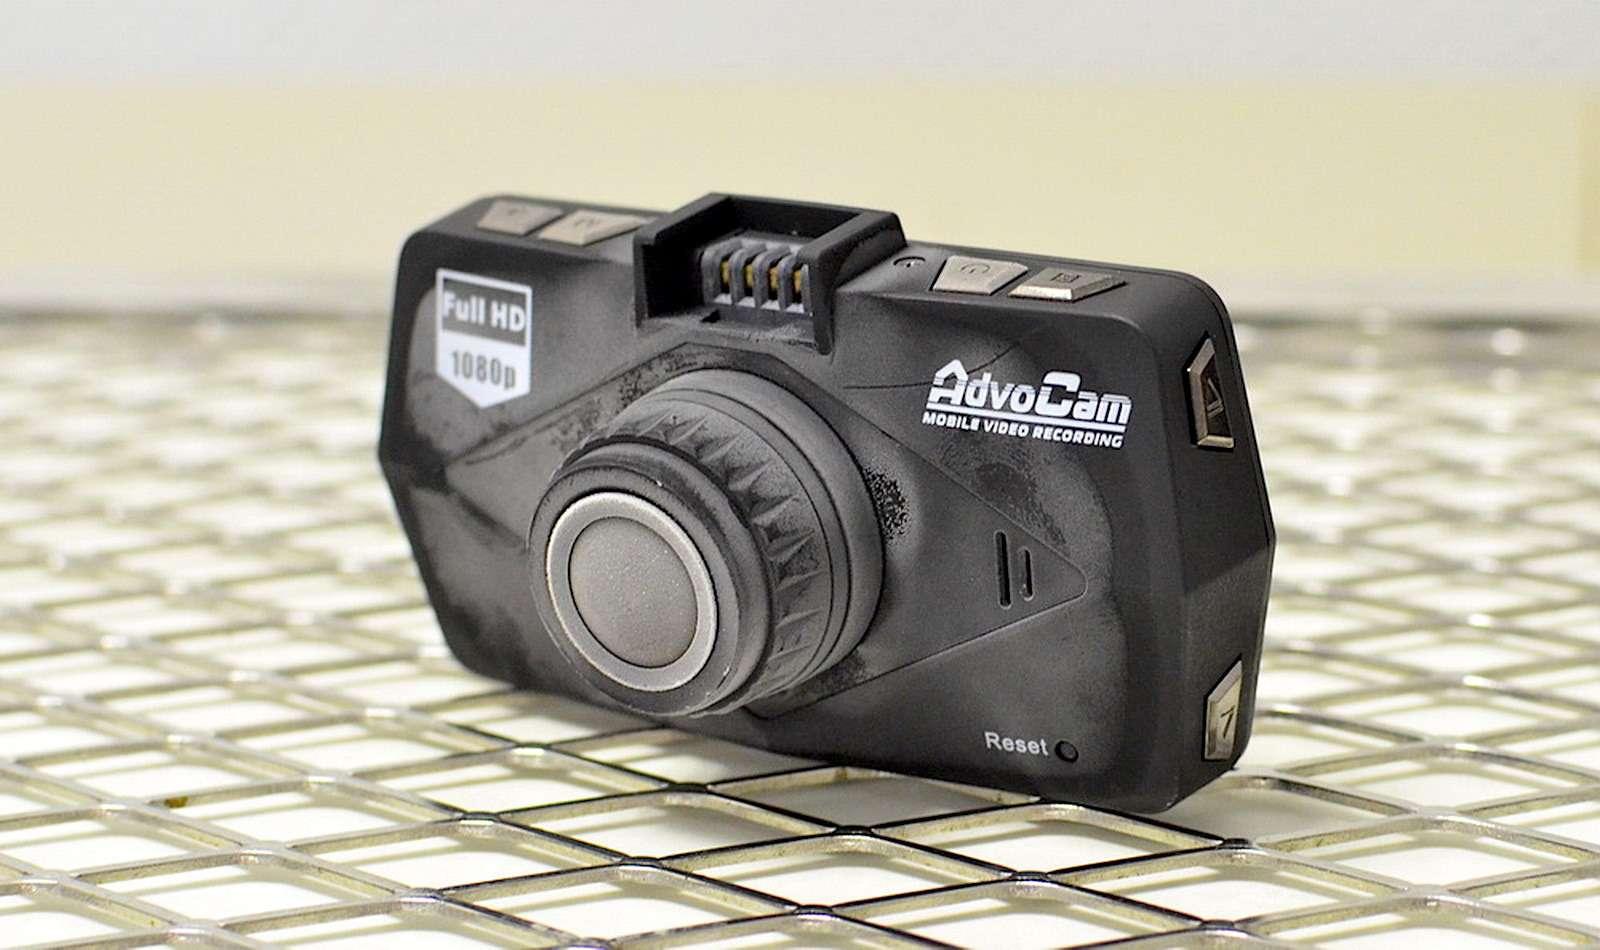 Видеорегистраторы вмороз: как умирают аккумуляторы? Спецтест— фото 854259